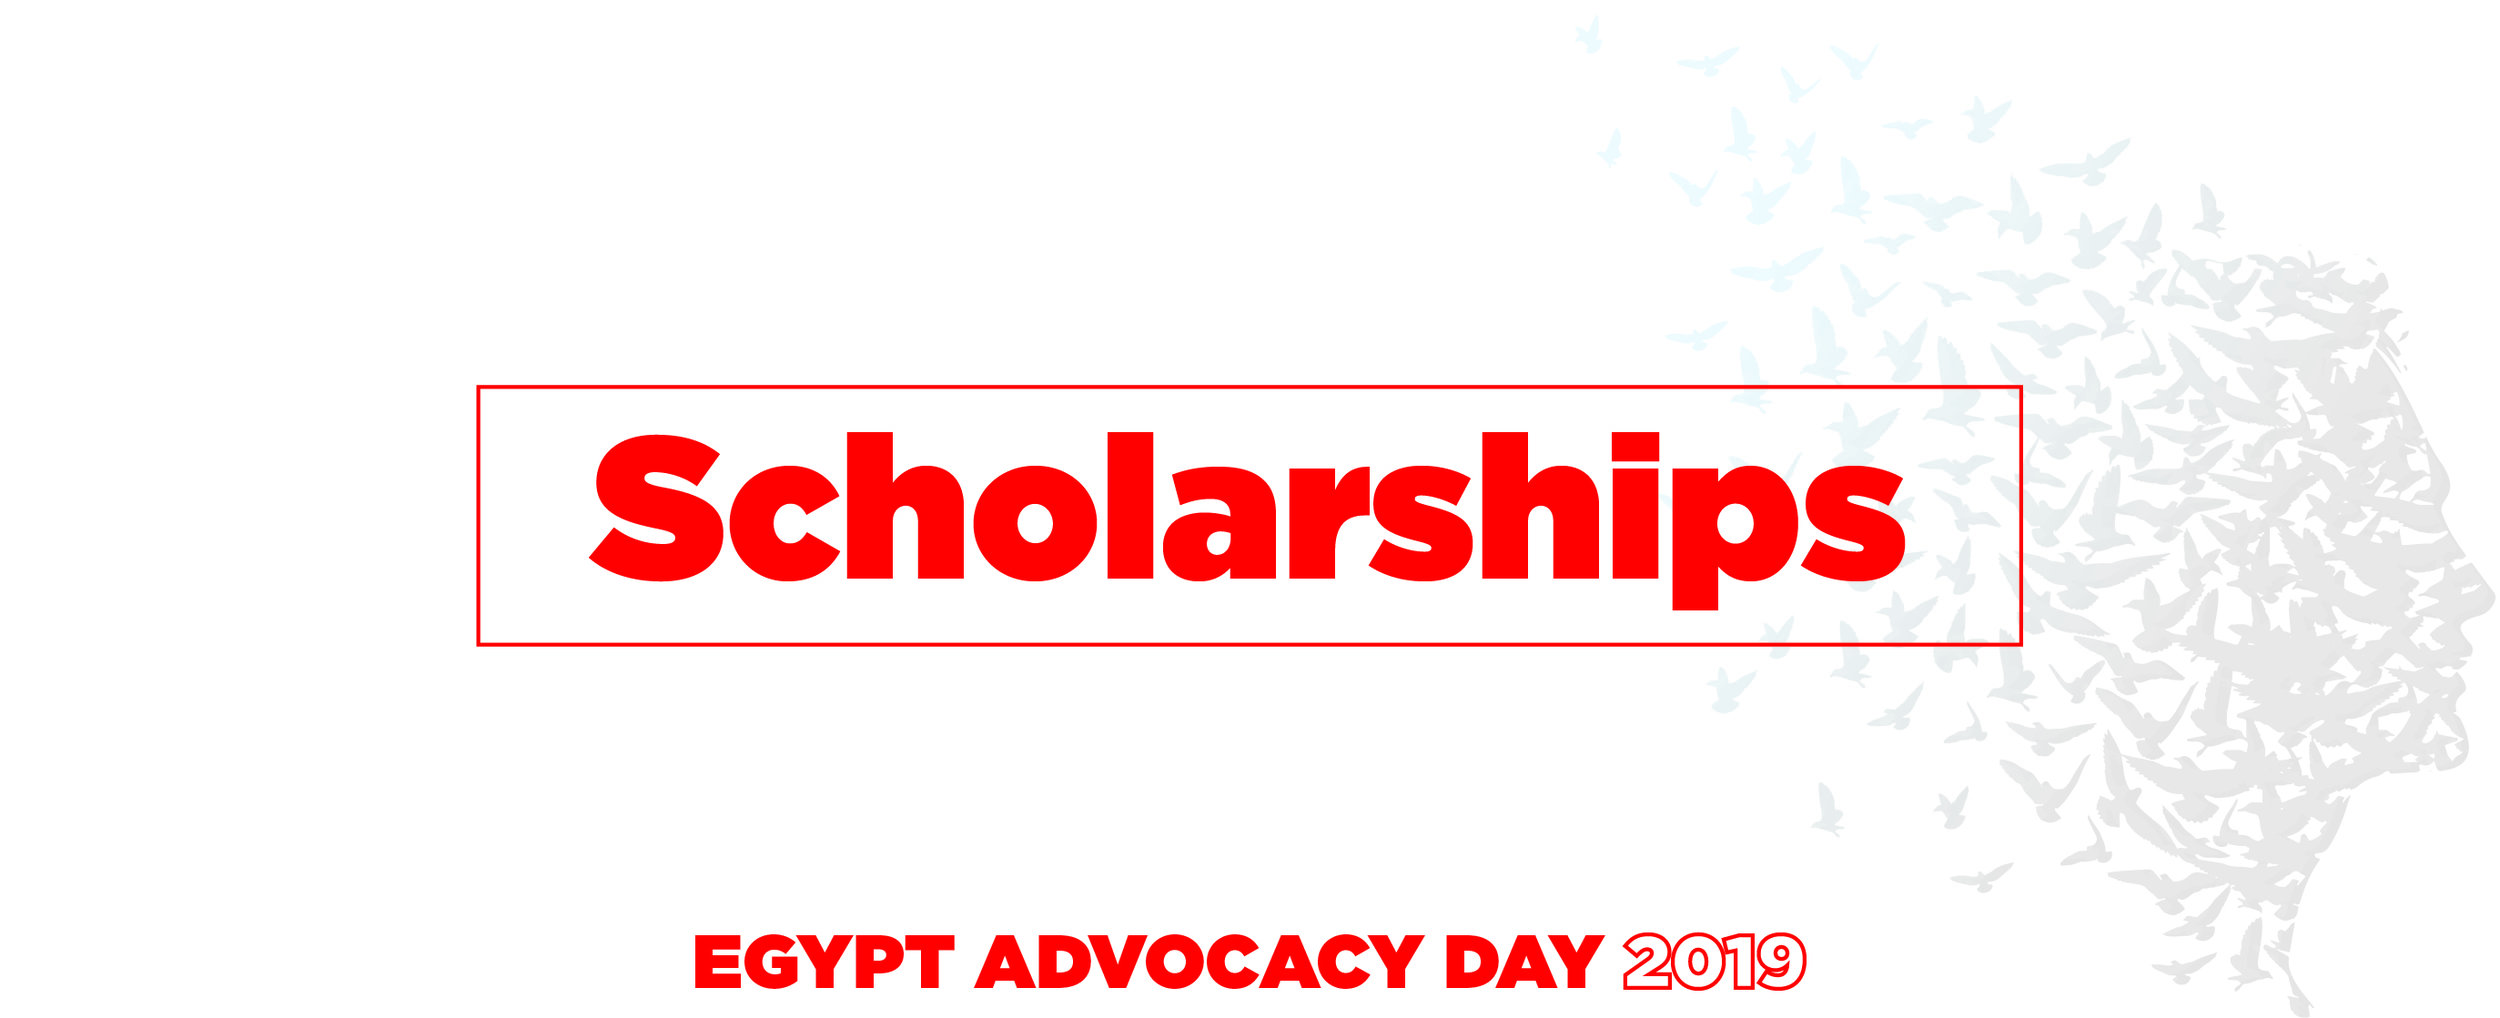 Scholarships-06.jpg